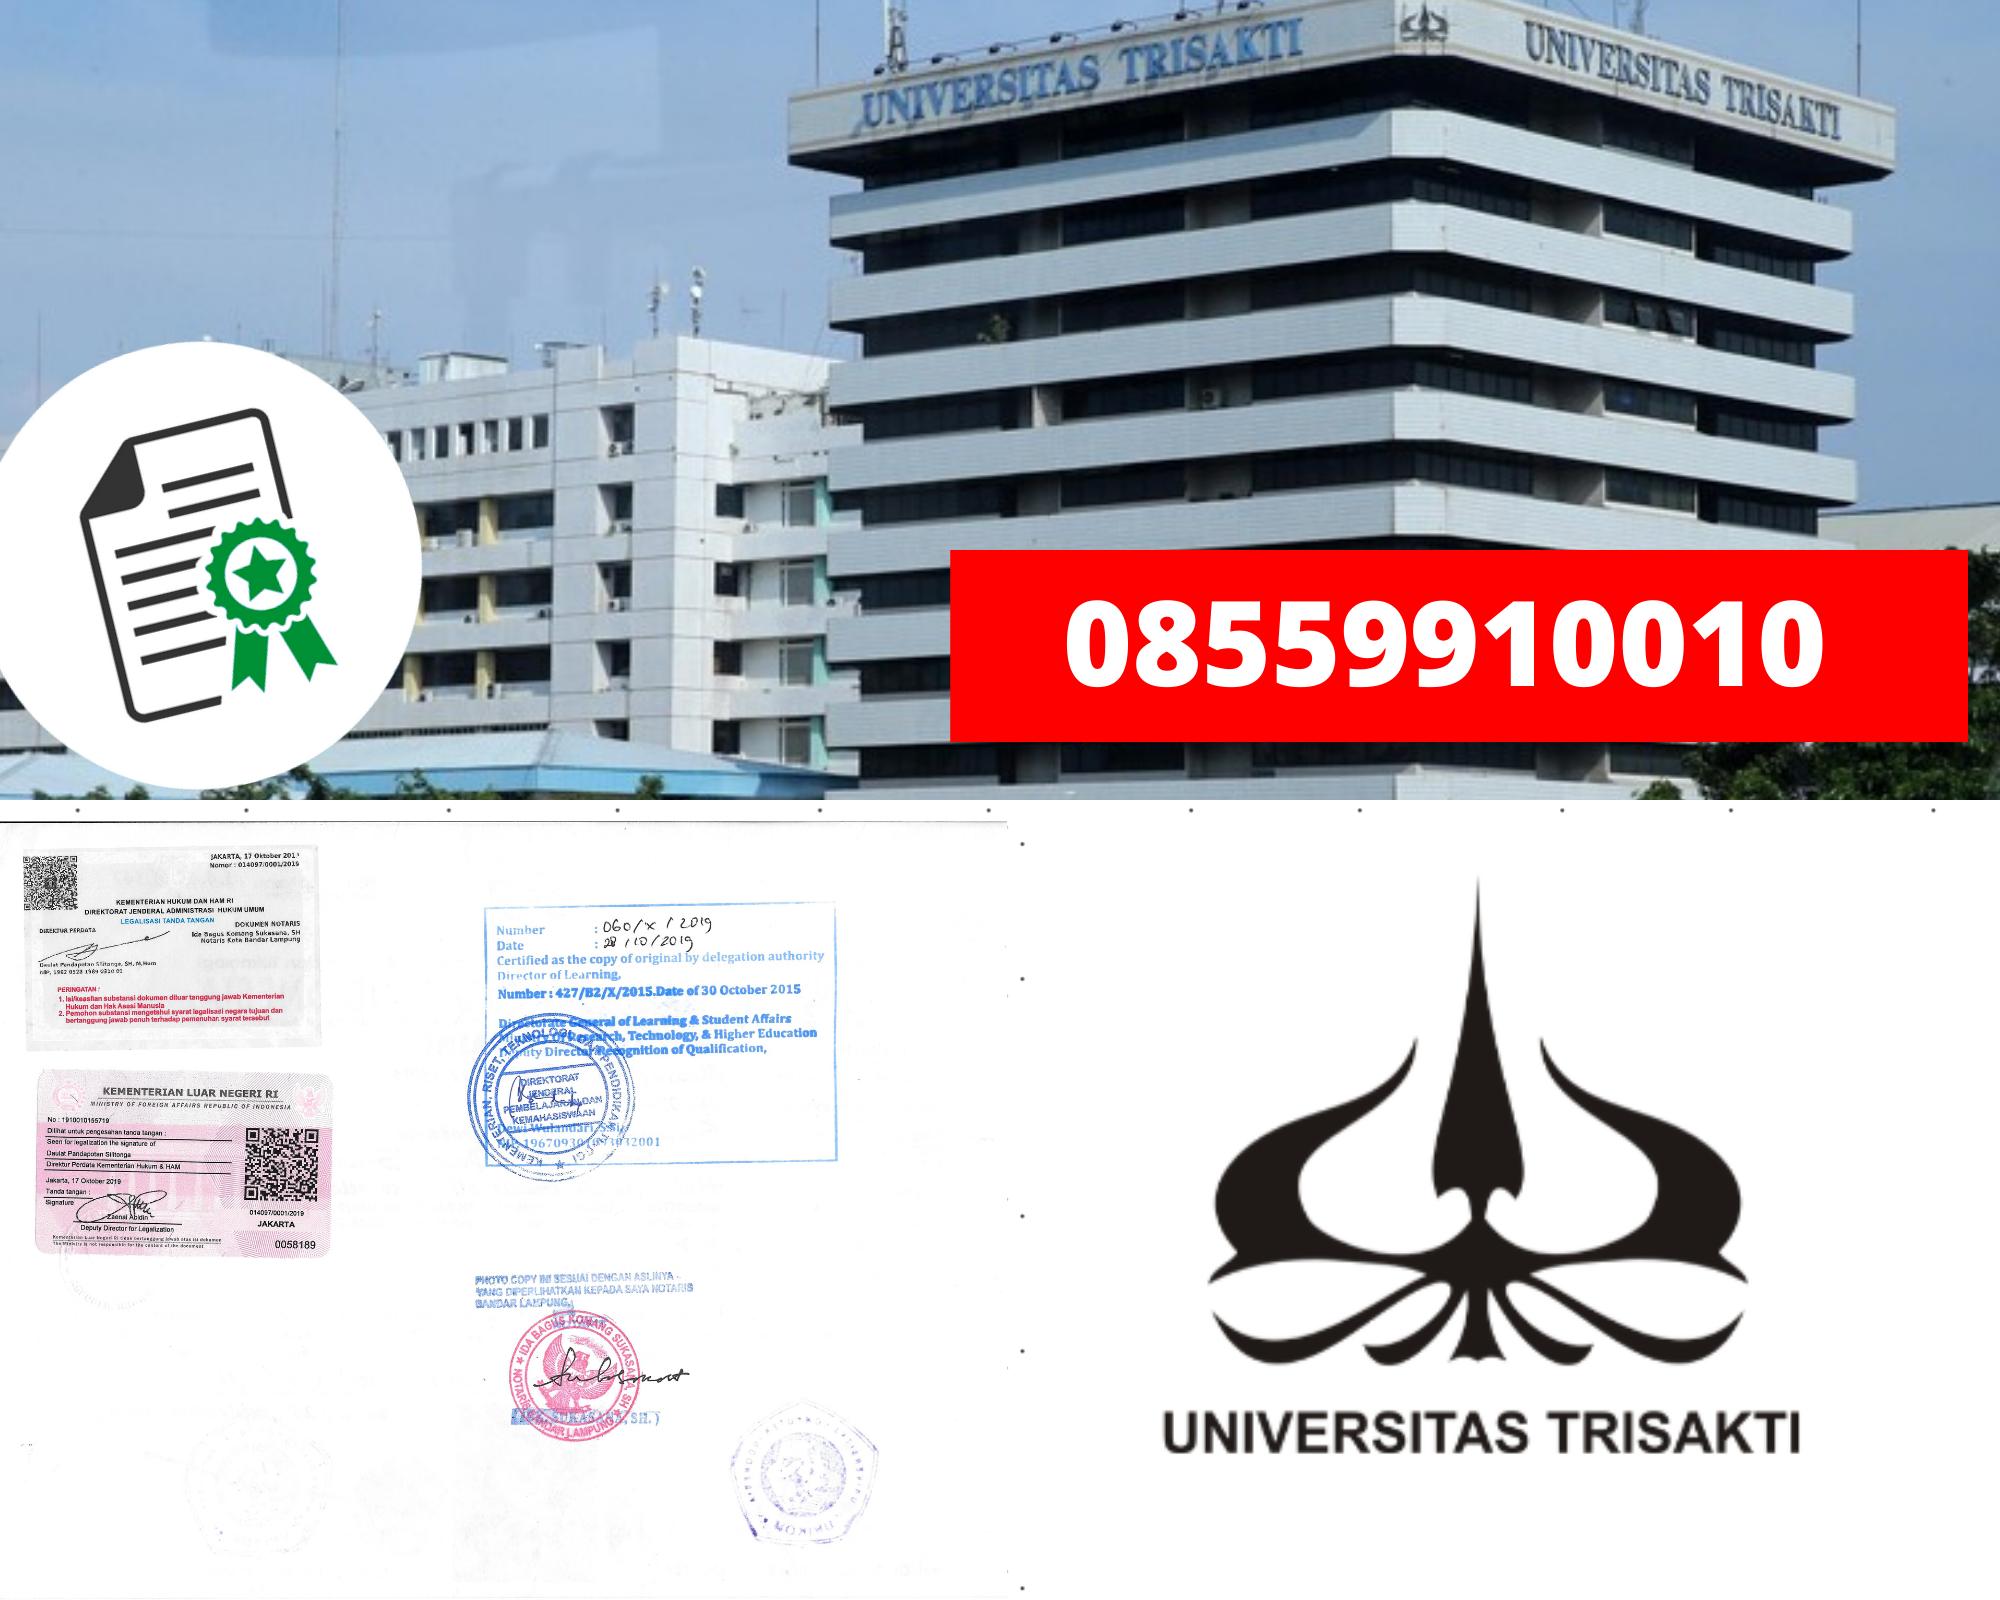 Legalisir Ijazah Universitas Trisakti  Di Kemenristek Dikti || 08559910010